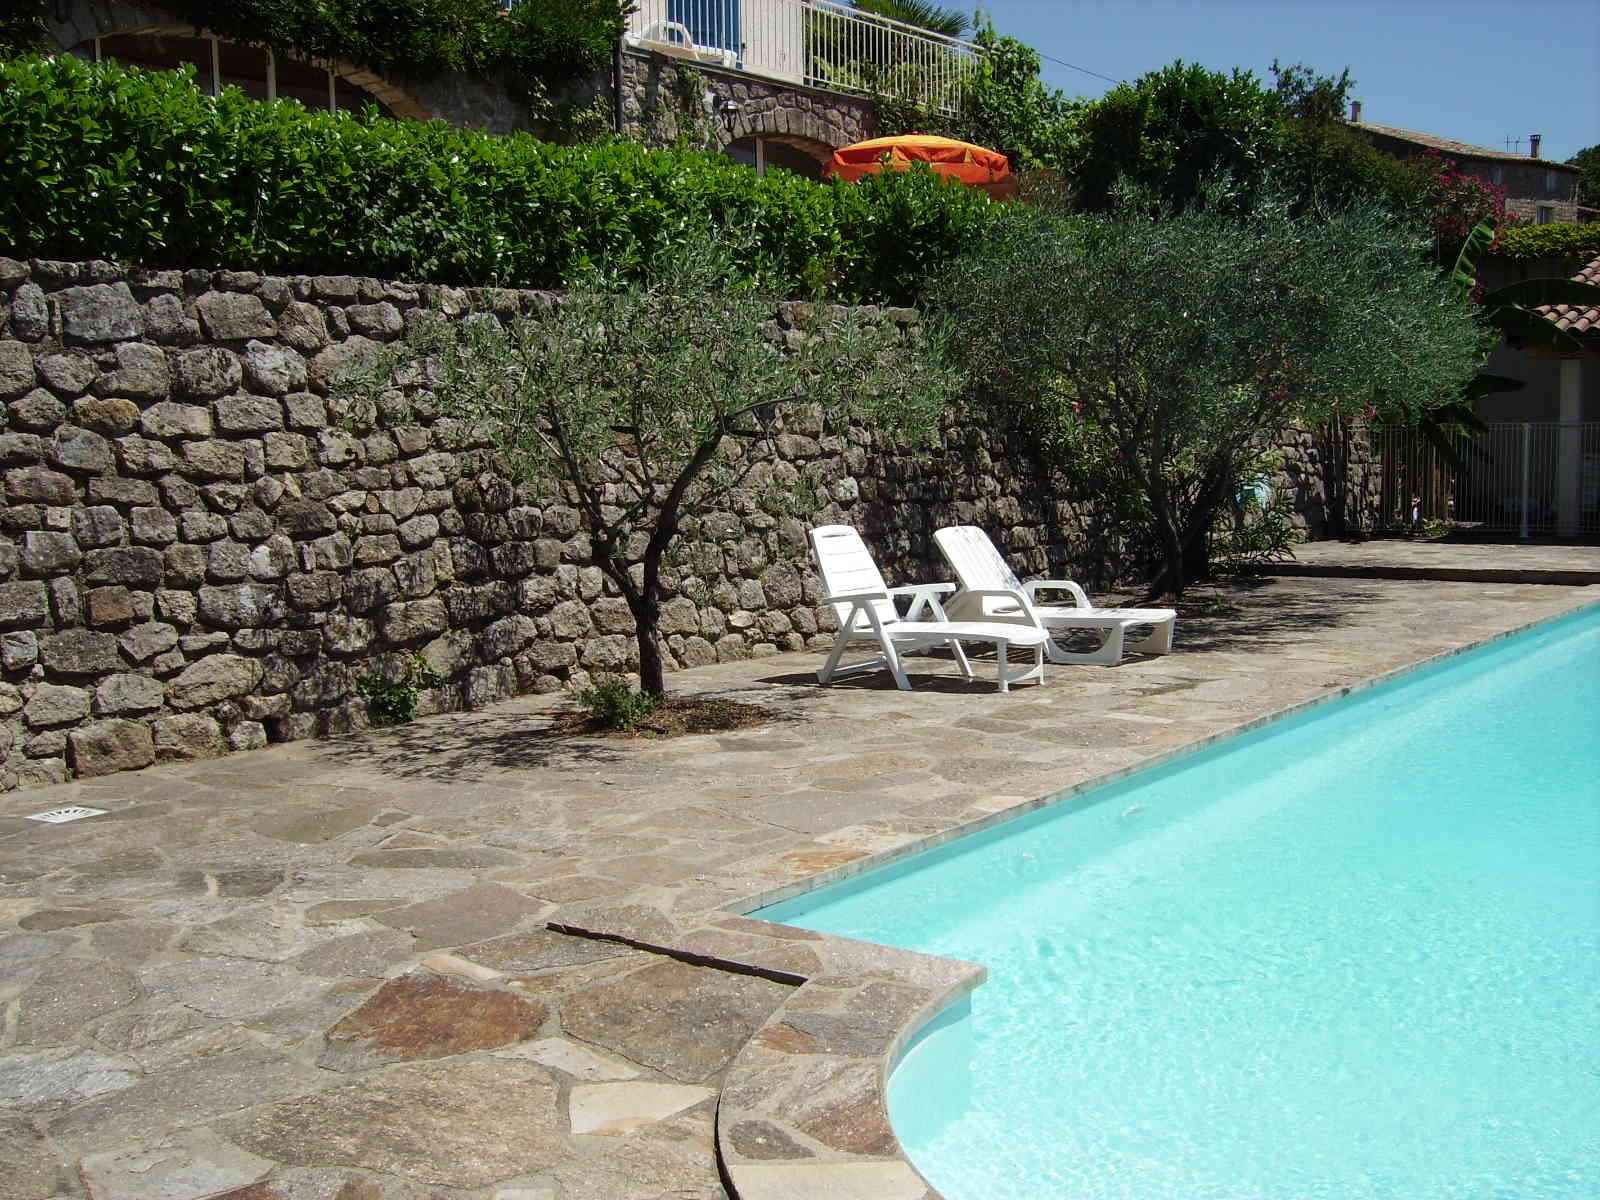 Ardèche Du Sud ; Gîte Tout Confort, Piscine... À Joyeuse avec Location Maison Avec Piscine Ardeche Particulier